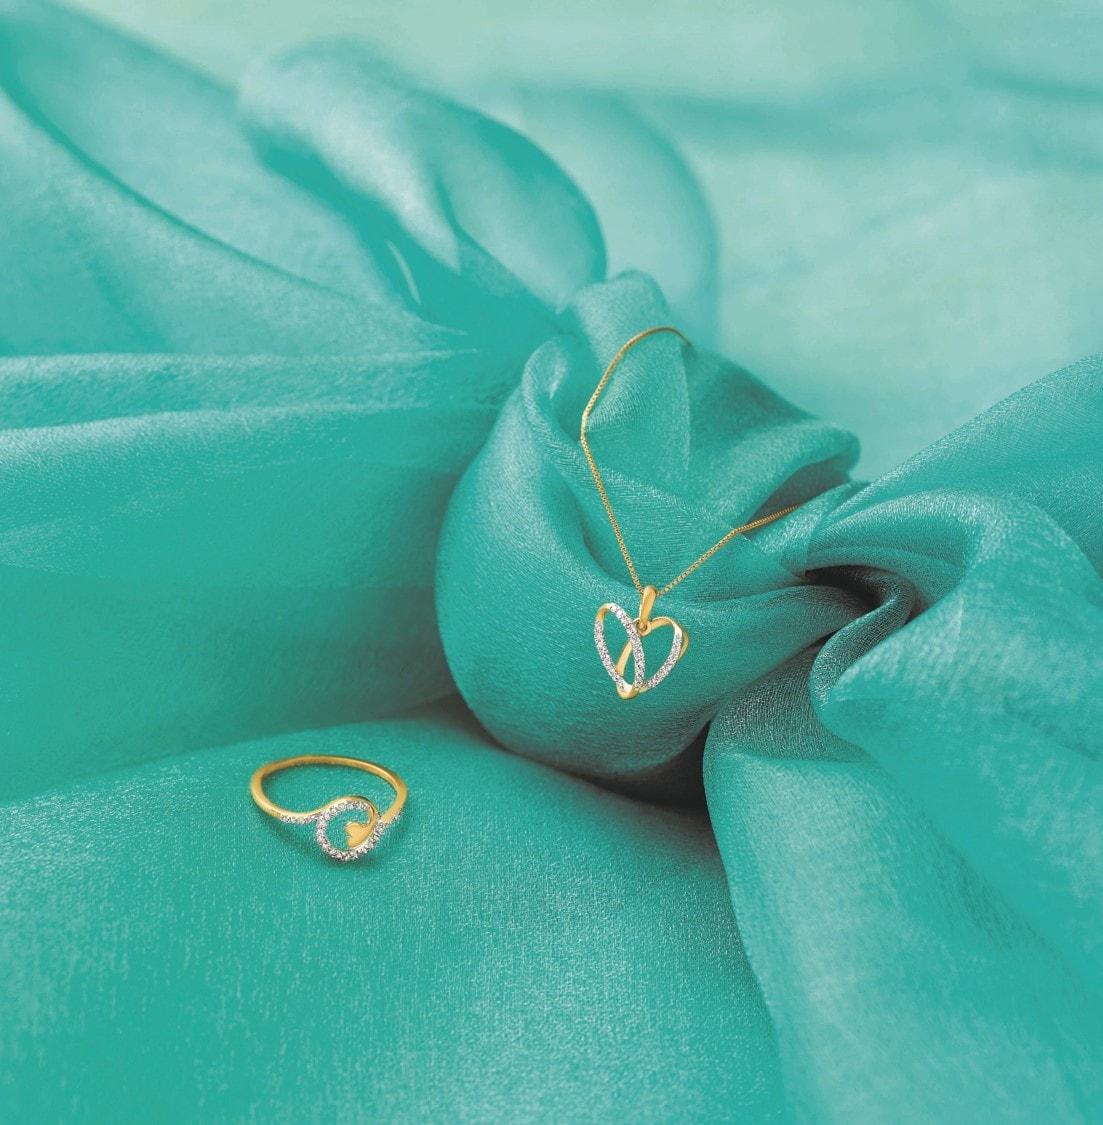 రిలయన్స్ జ్యువెల్స్ మీకు గుడ్ న్యూస్ చెప్పింది. వాలంటైన్స్ డే సందర్భంగా 'Eternity' పేరుతో ప్రత్యేక కలెక్షన్ ను వినియోగదారుల కోసం తీసుకువచ్చింది.(Reliance Jewels Valentine's Day collection)